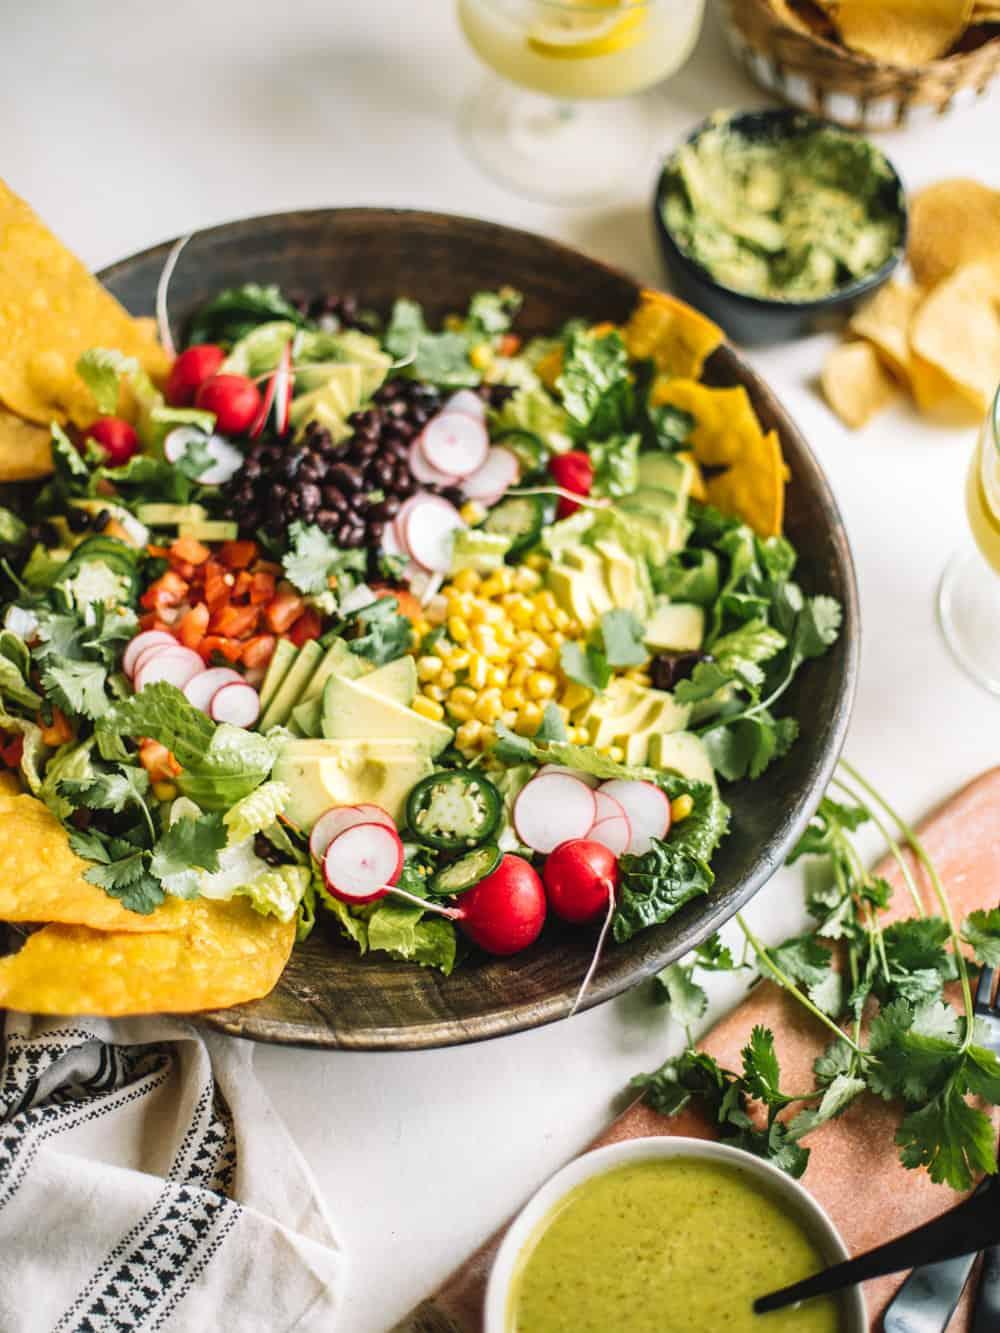 A big wooden bowl of Chopped Tostada Salad with Avocado Cilantro Dressing